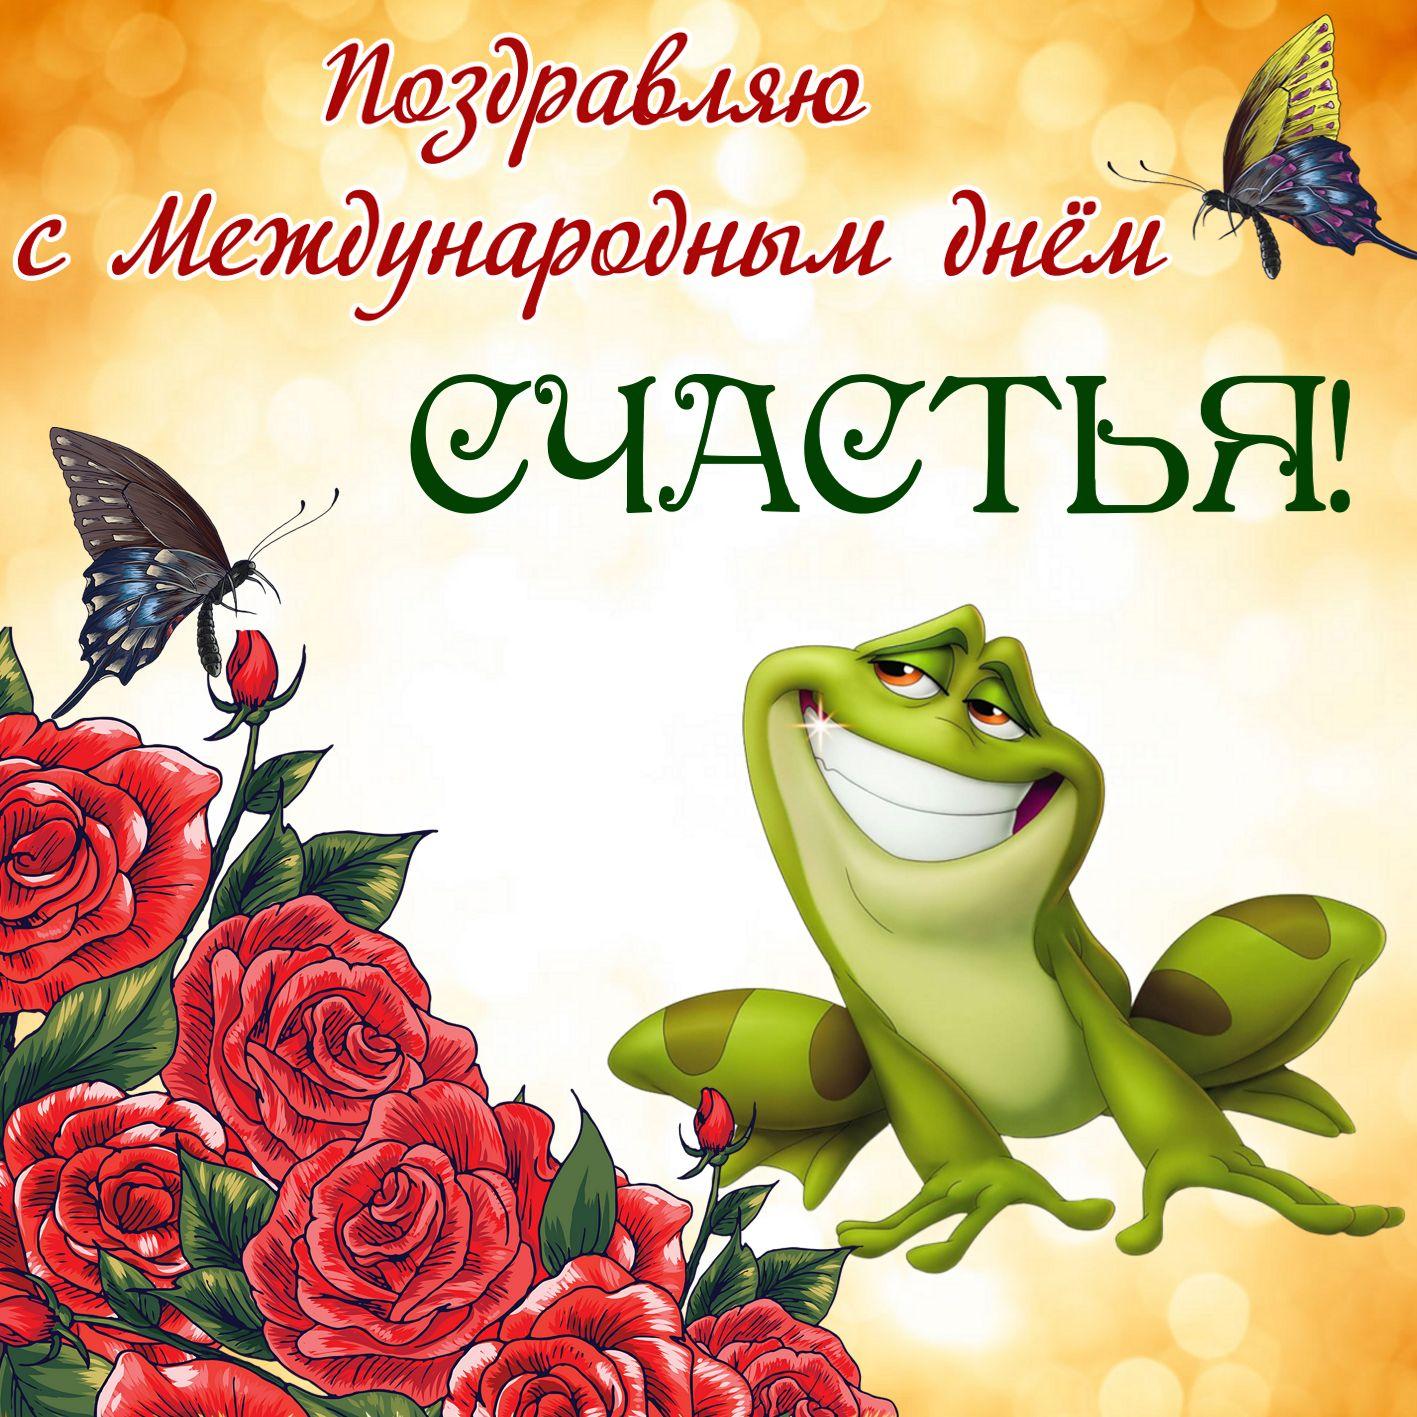 Милый лягушонок поздравляет с Днем счастья